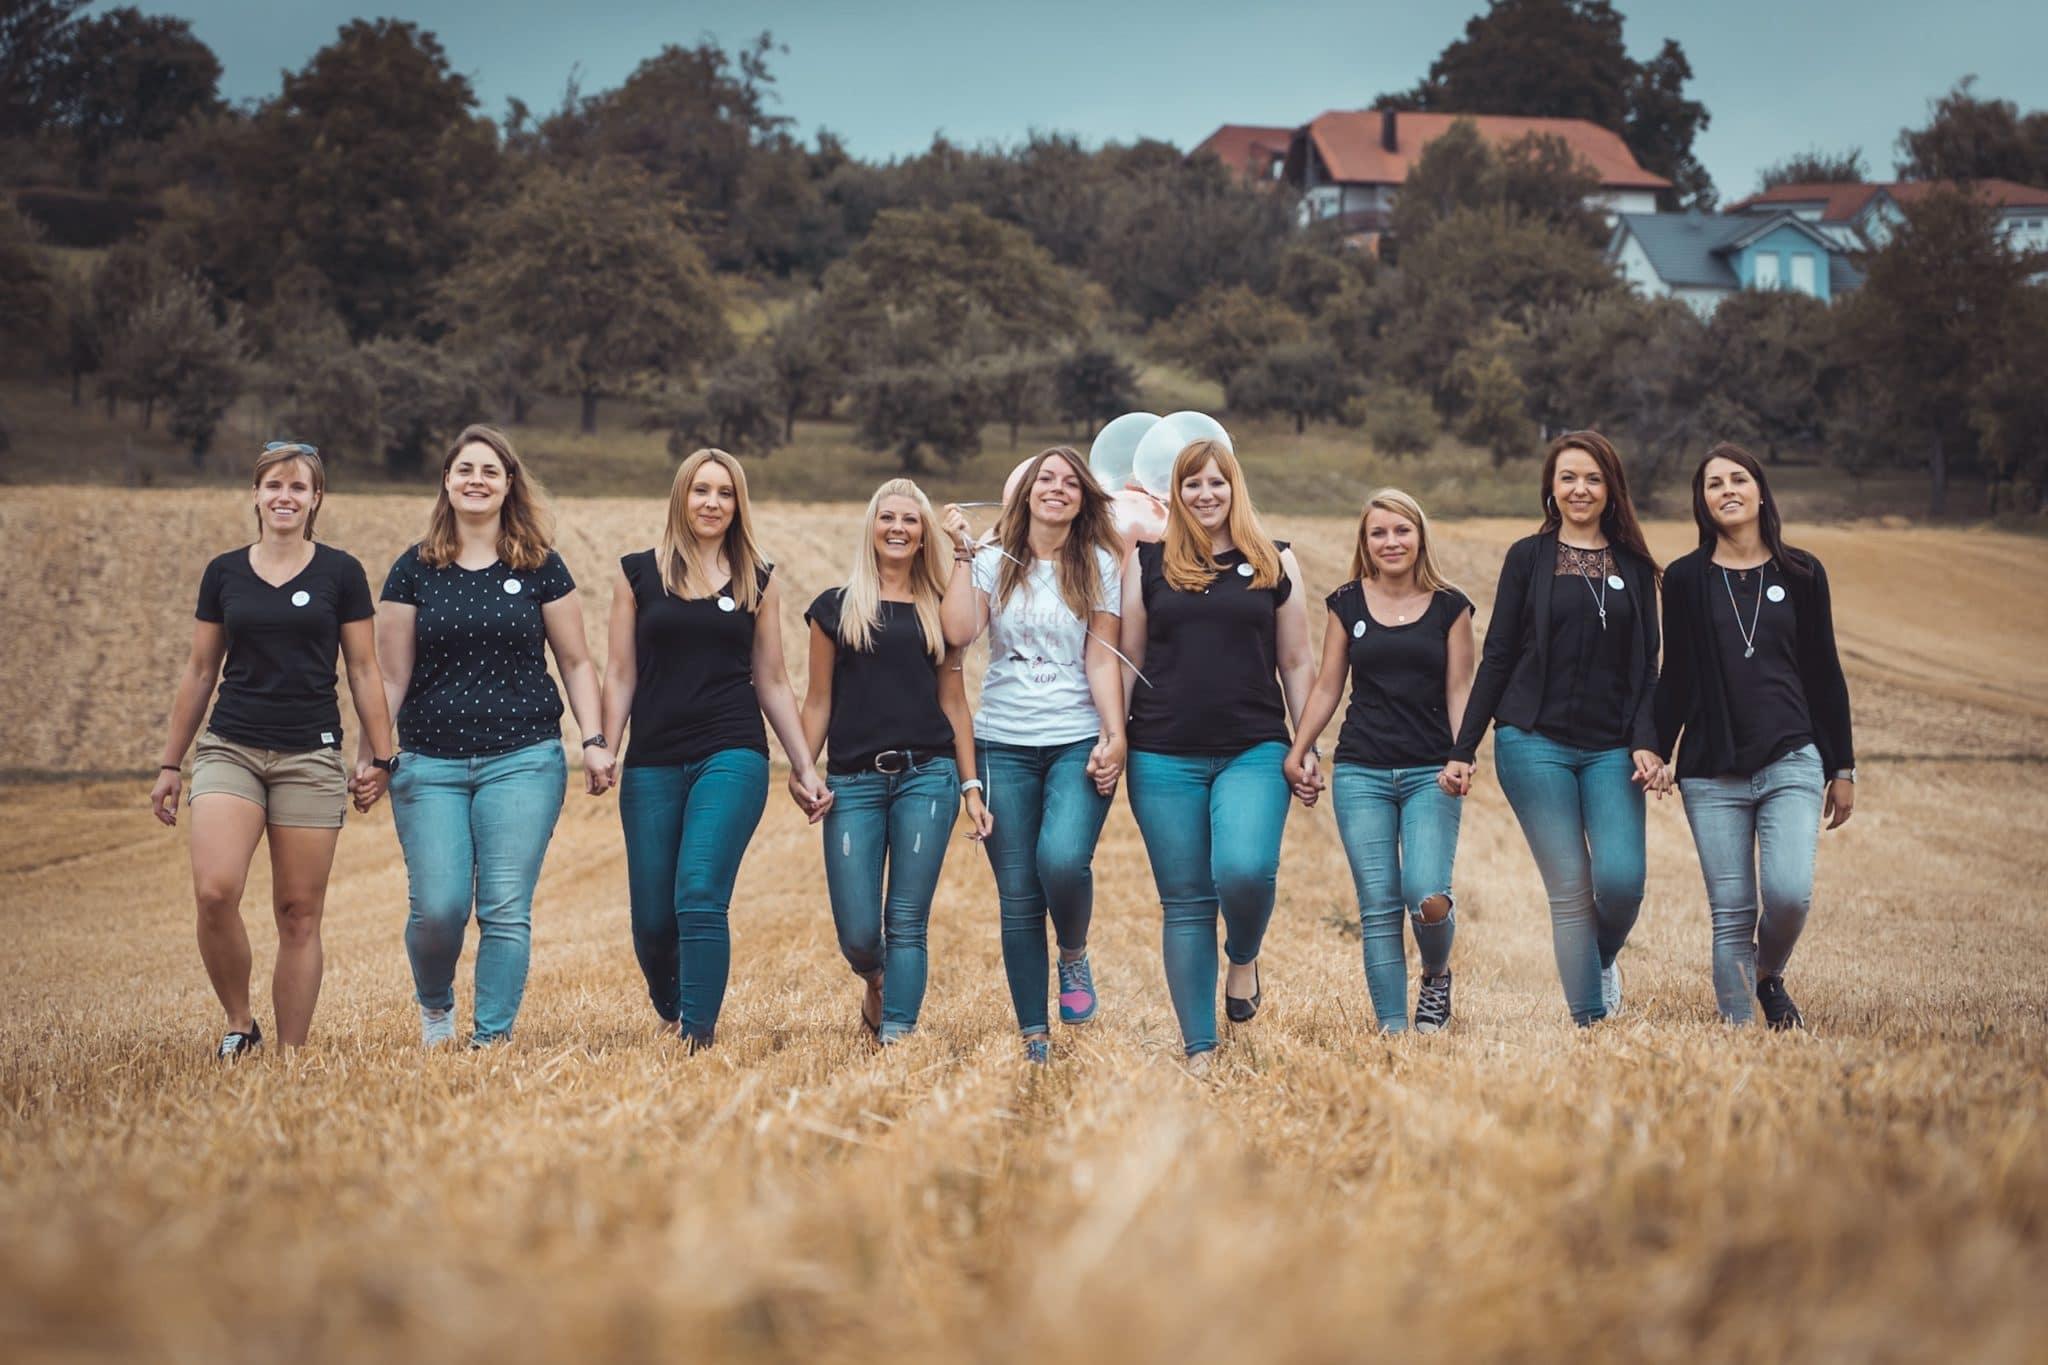 Mädels Fotoshooting Junggesellenabschied Heilbronn